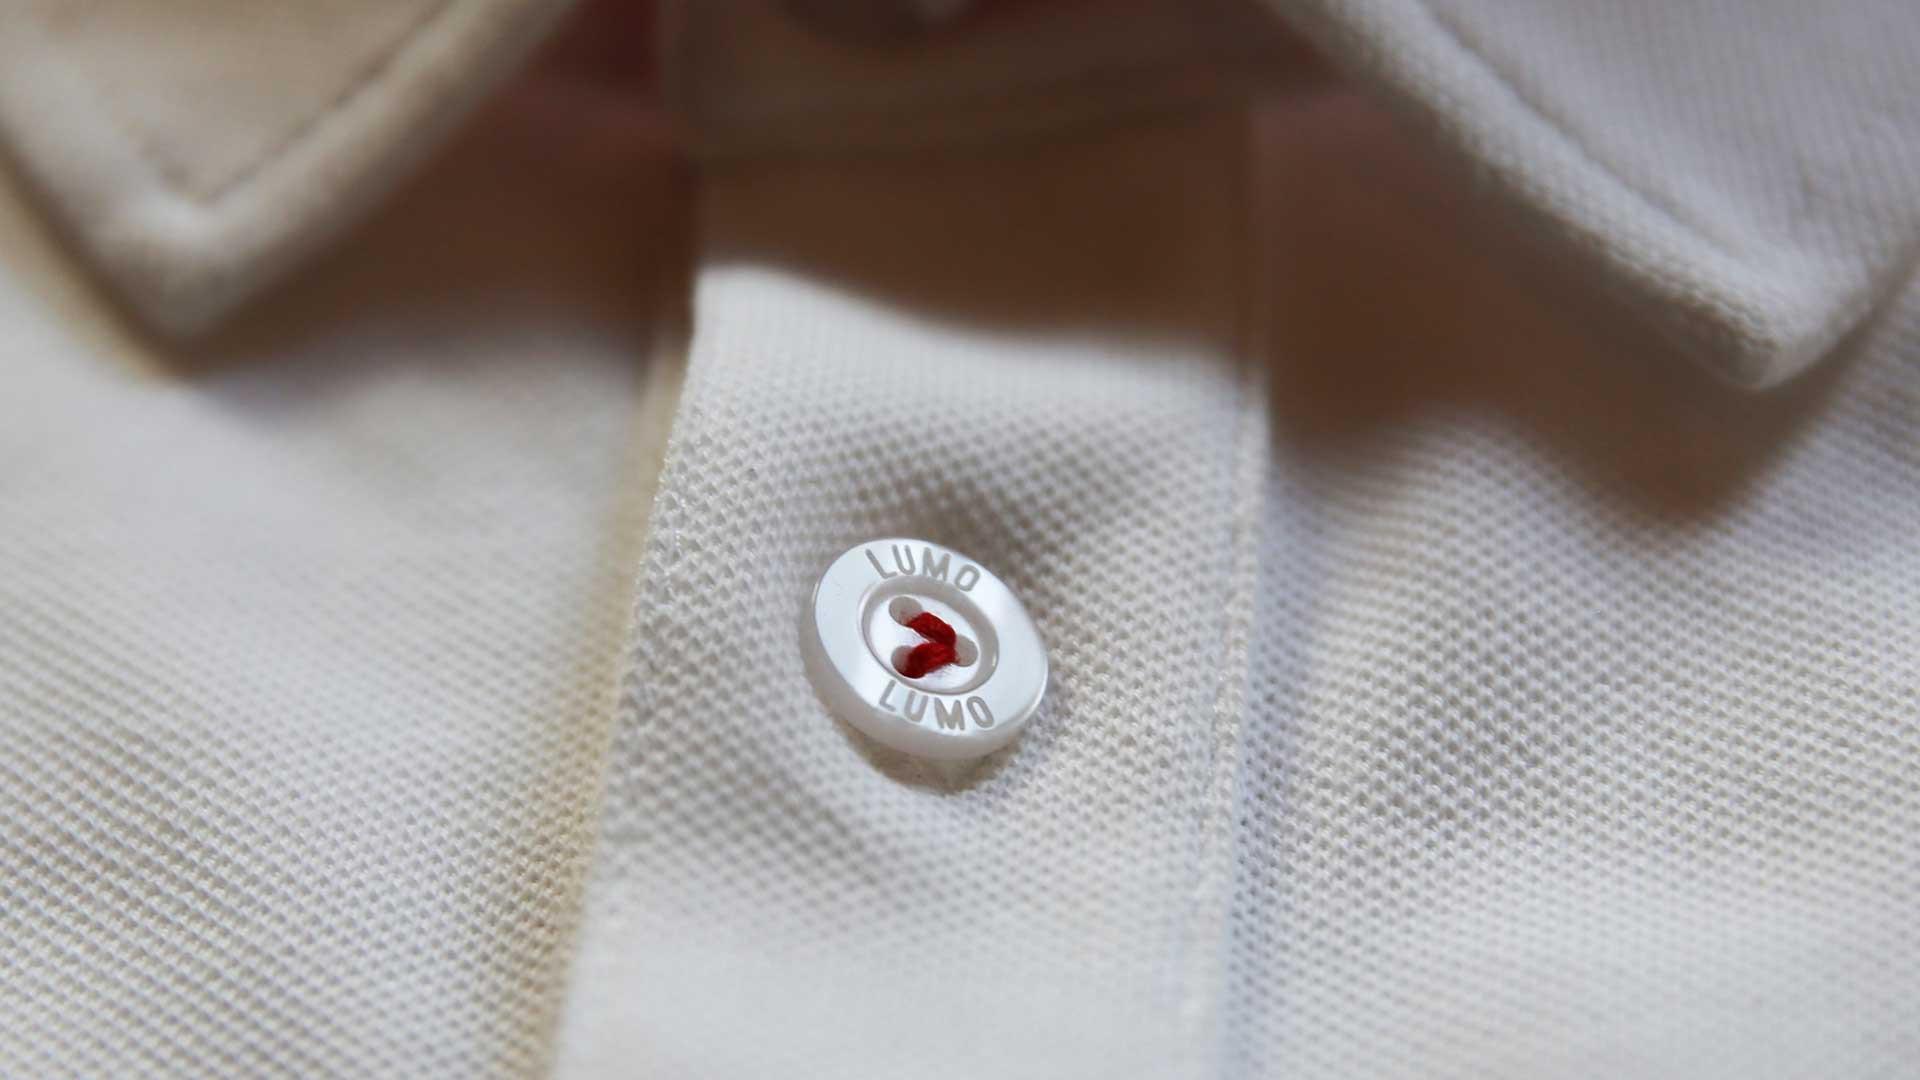 Sparkloop-LUMO-button-label-03.jpg